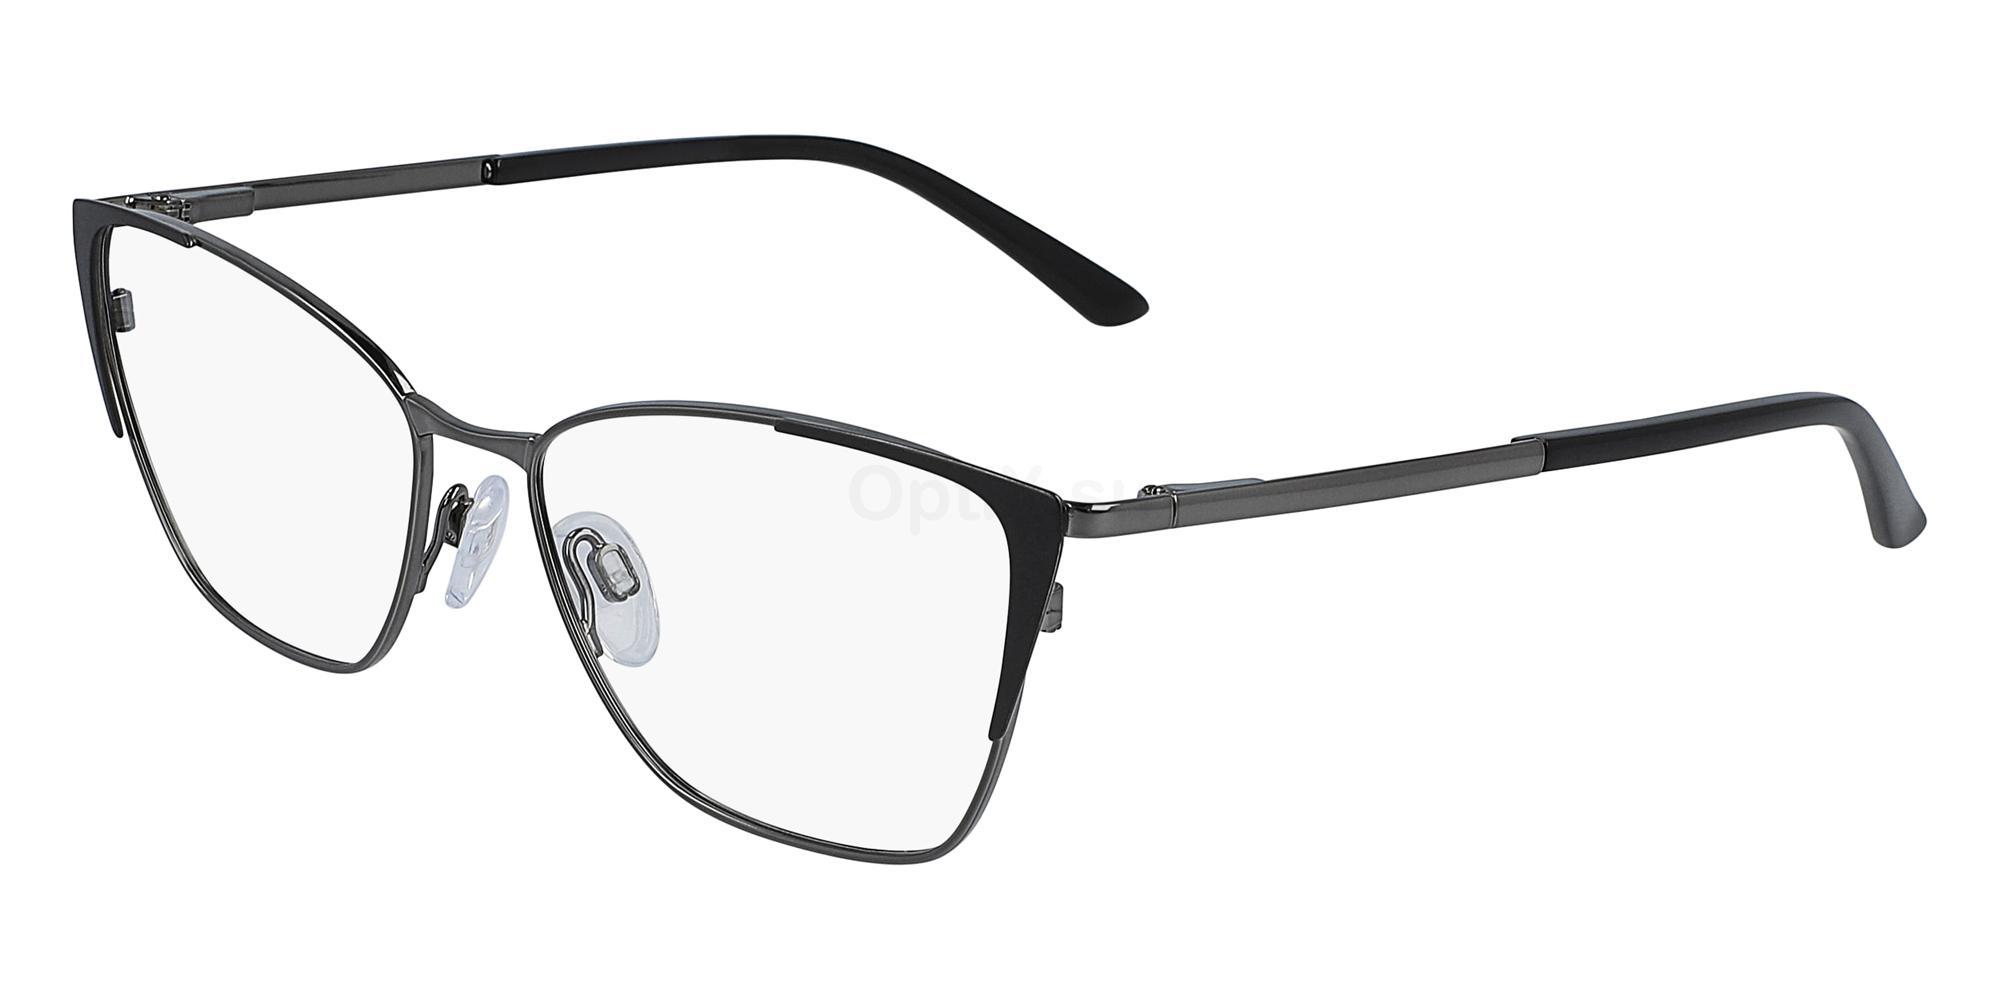 001 SK2841 ARV Glasses, Skaga